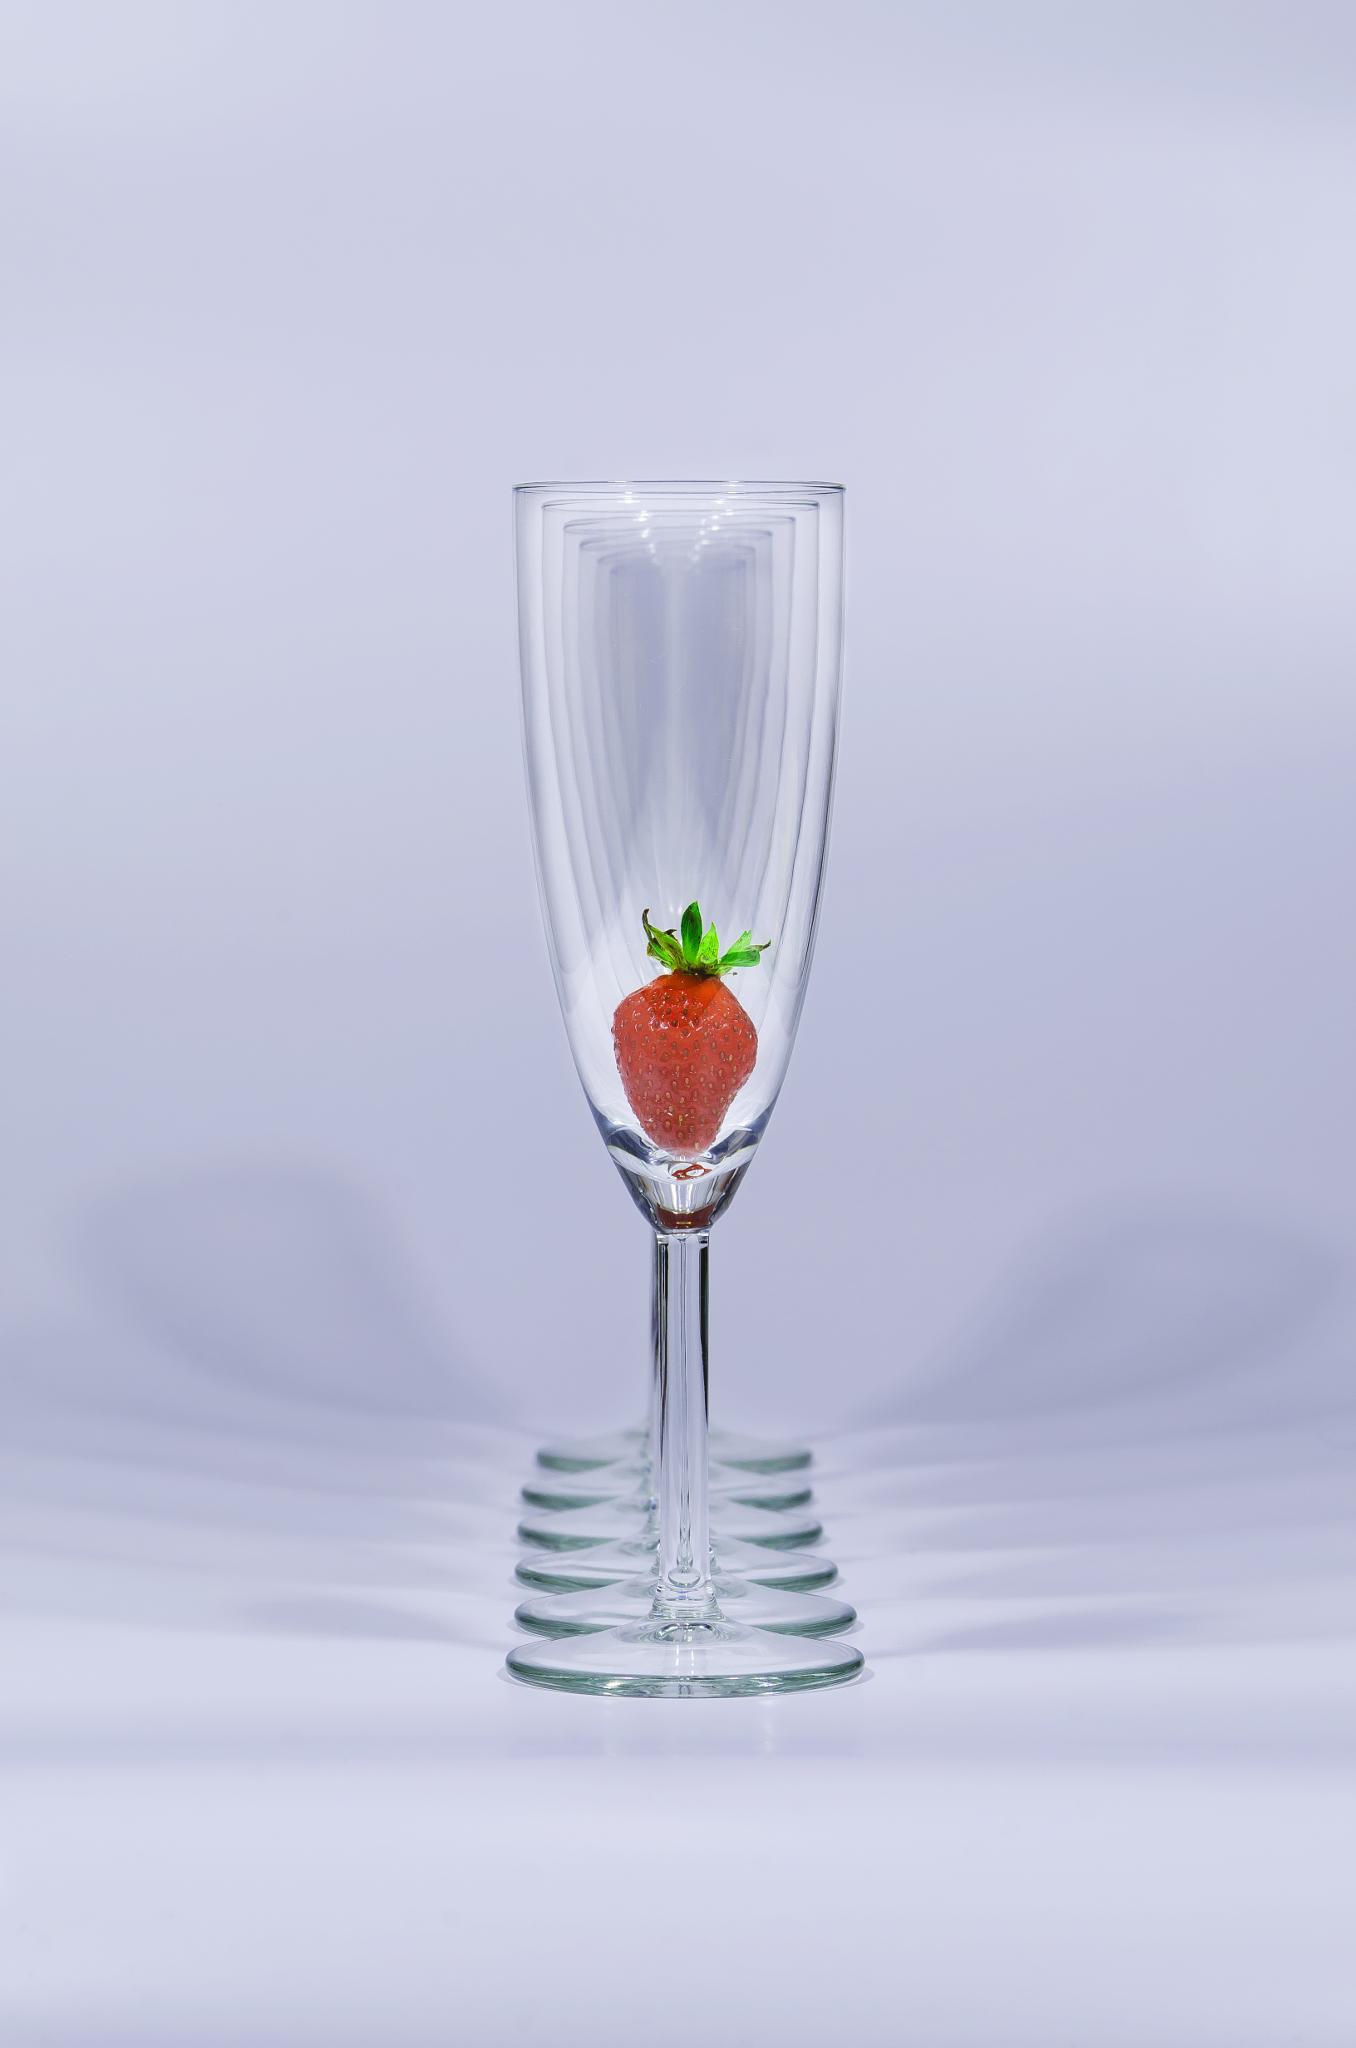 Strawberry flute by Remo Fiore